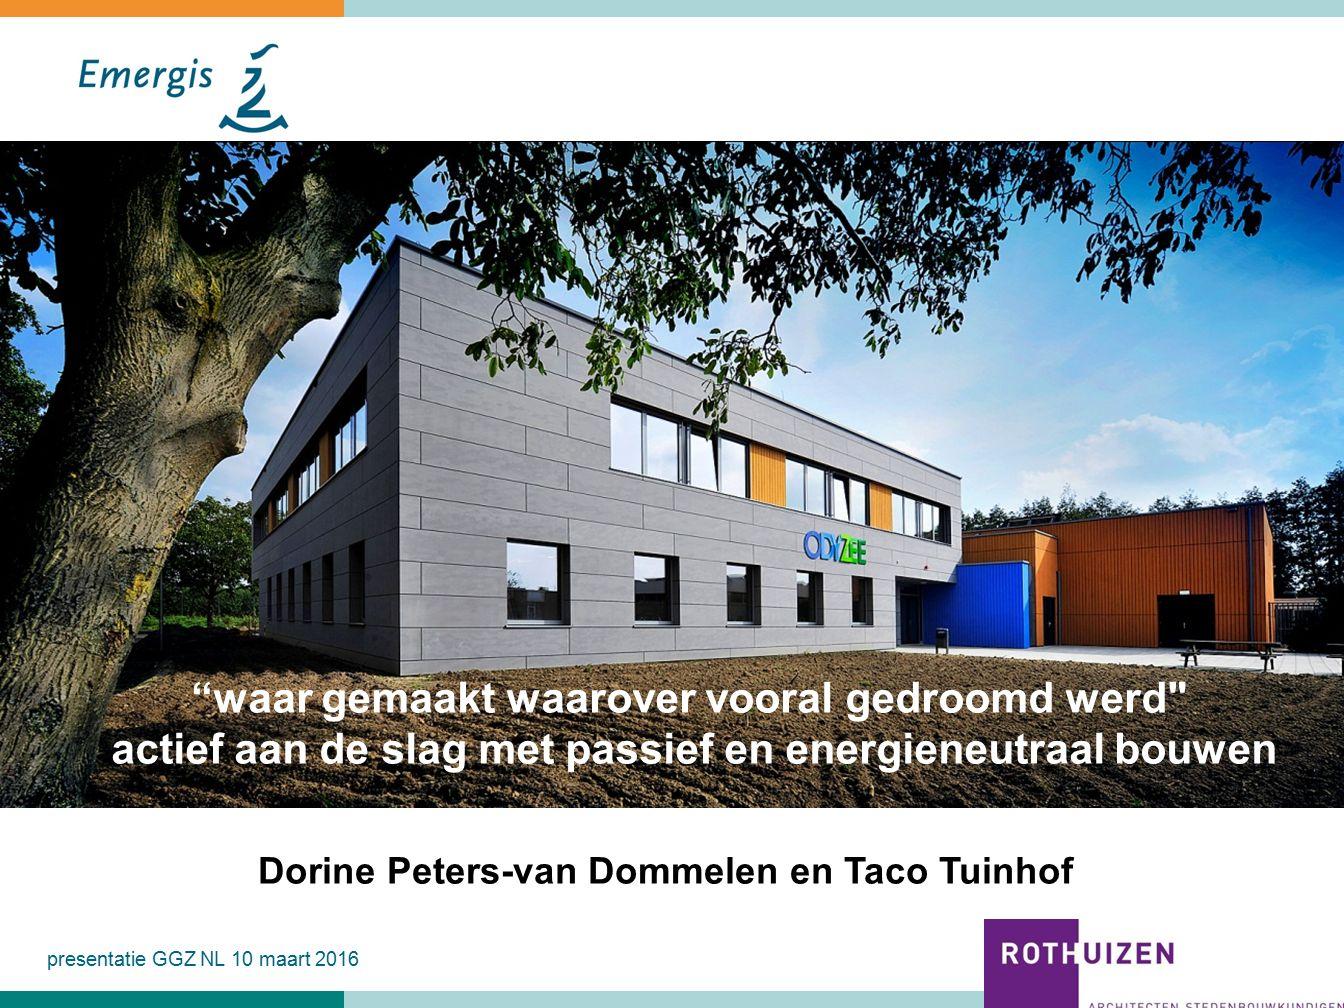 presentatie GGZ NL 10 maart 2016 waar gemaakt waarover vooral gedroomd werd actief aan de slag met passief en energieneutraal bouwen Dorine Peters-van Dommelen en Taco Tuinhof